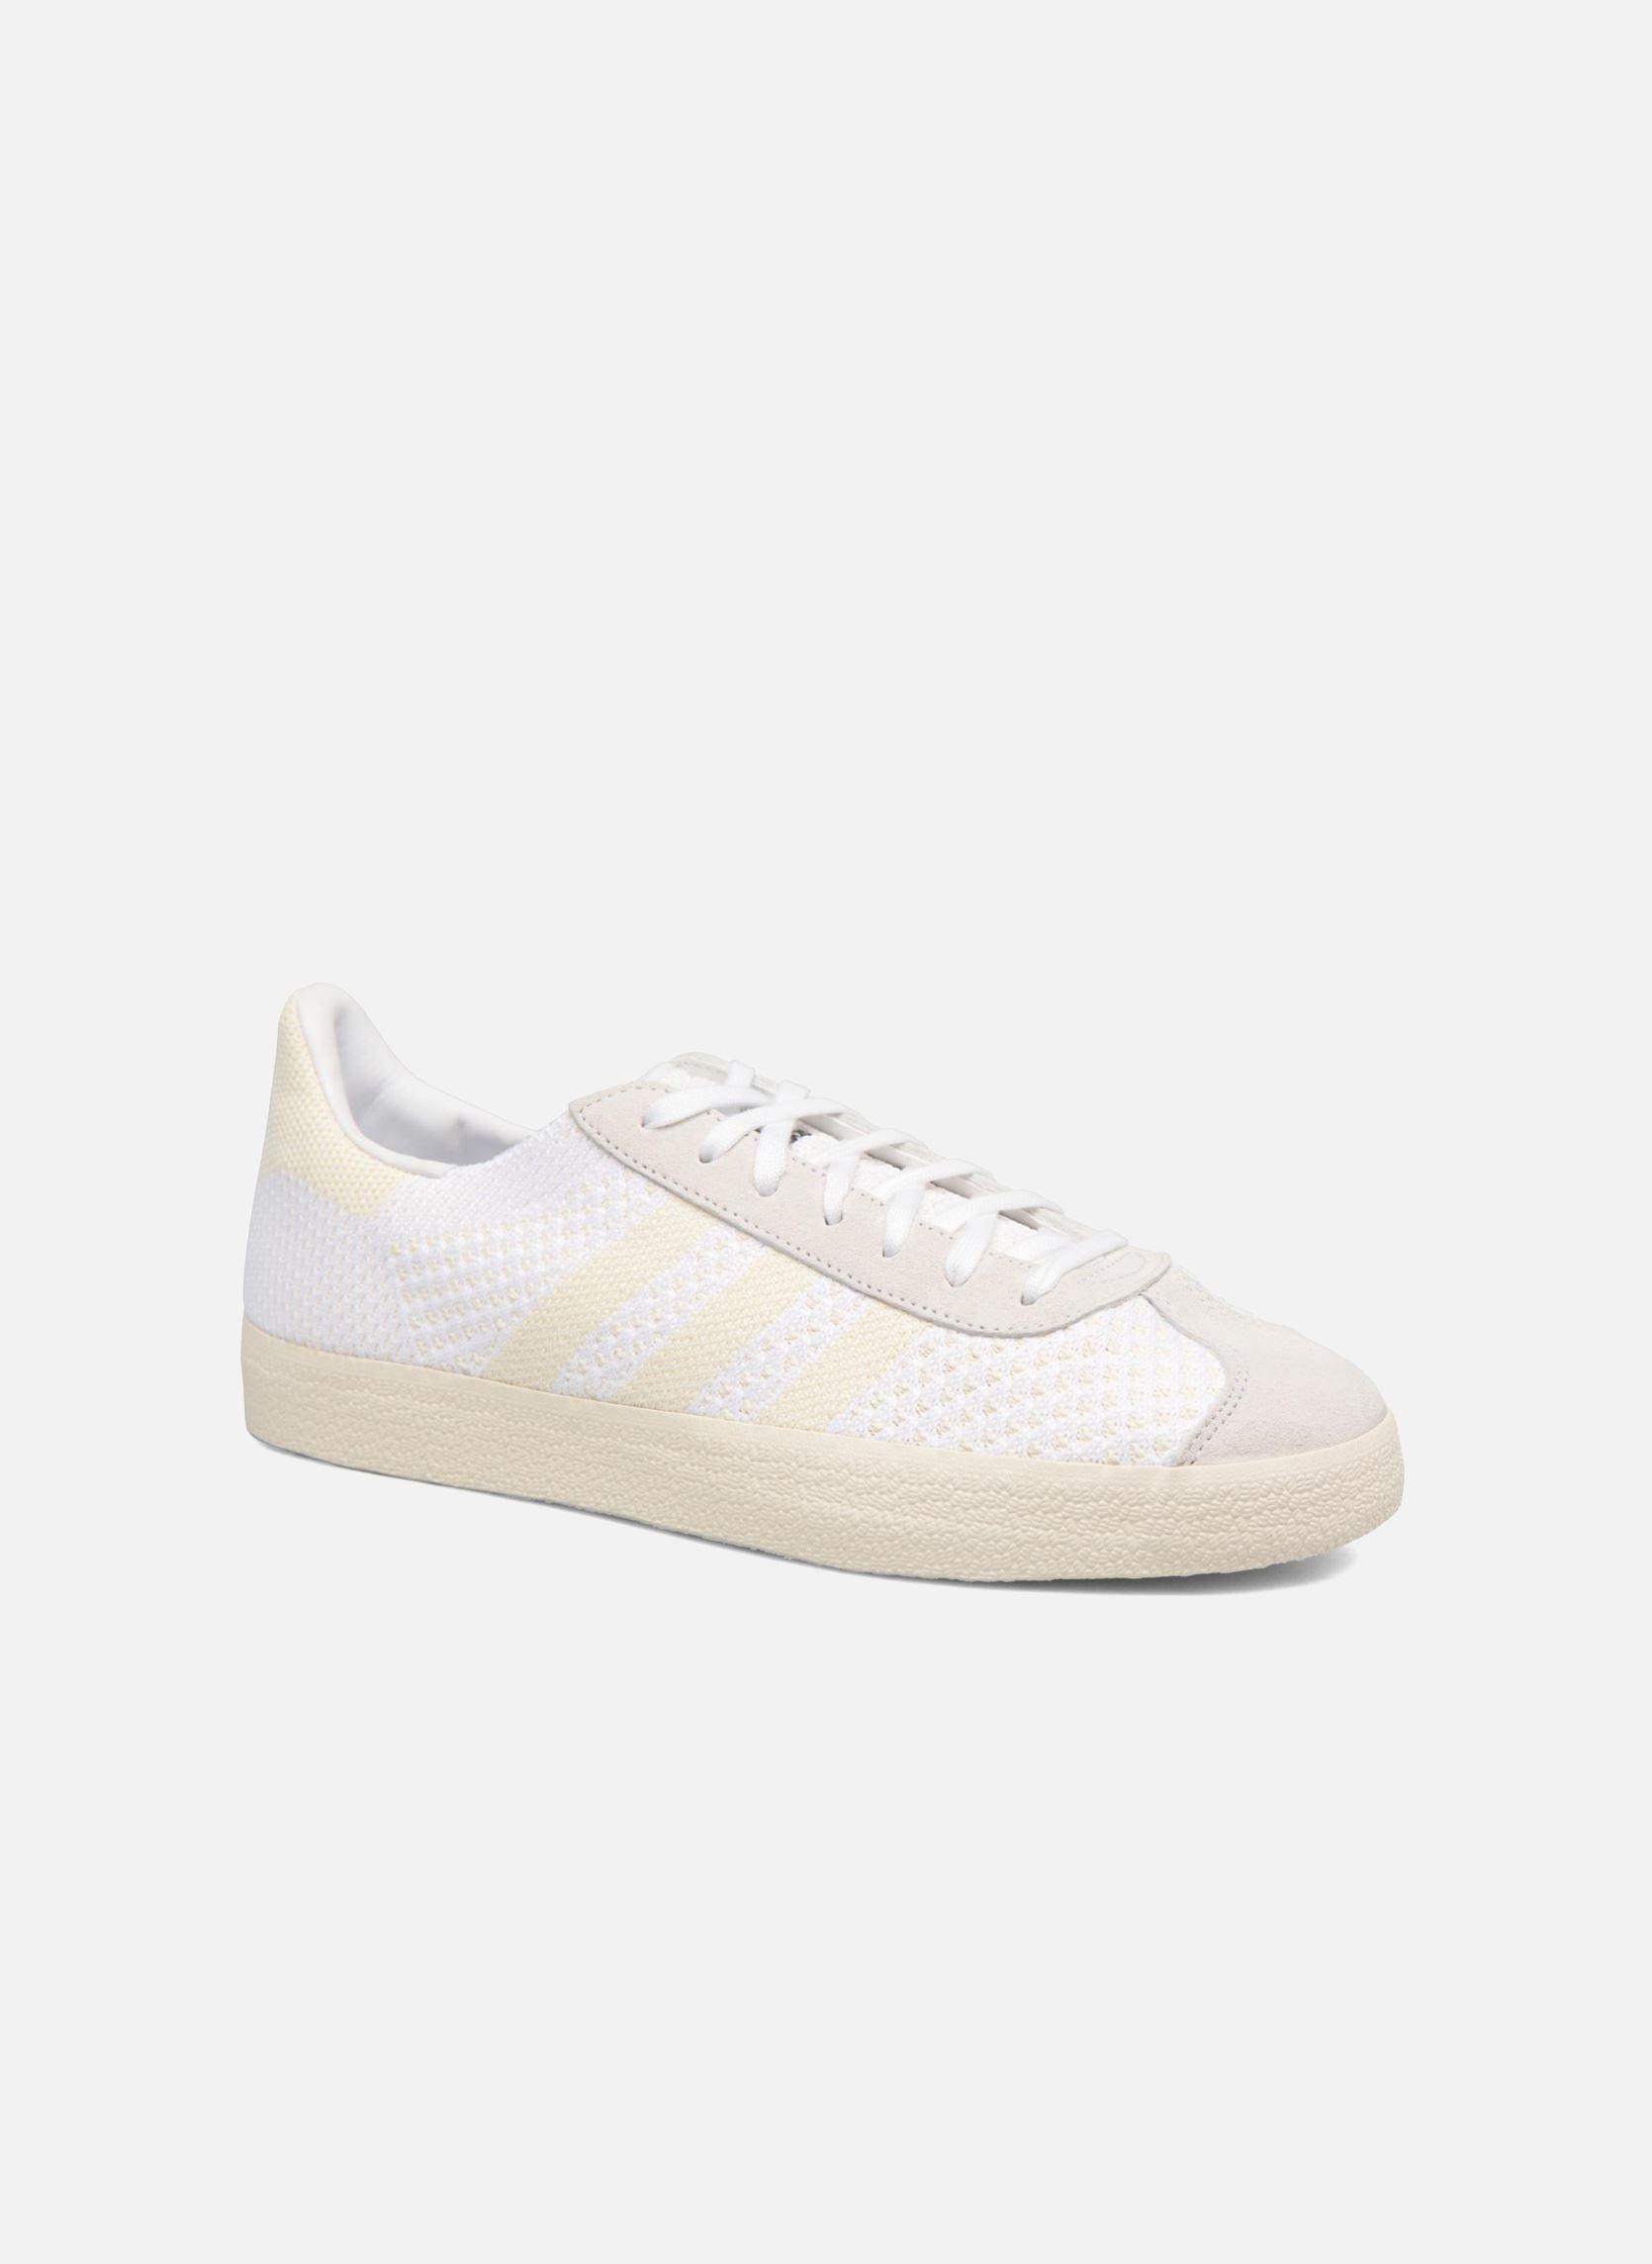 Gli uomini è adidas originali gazzella pk basso aumento dei formatori in bianco su ebay